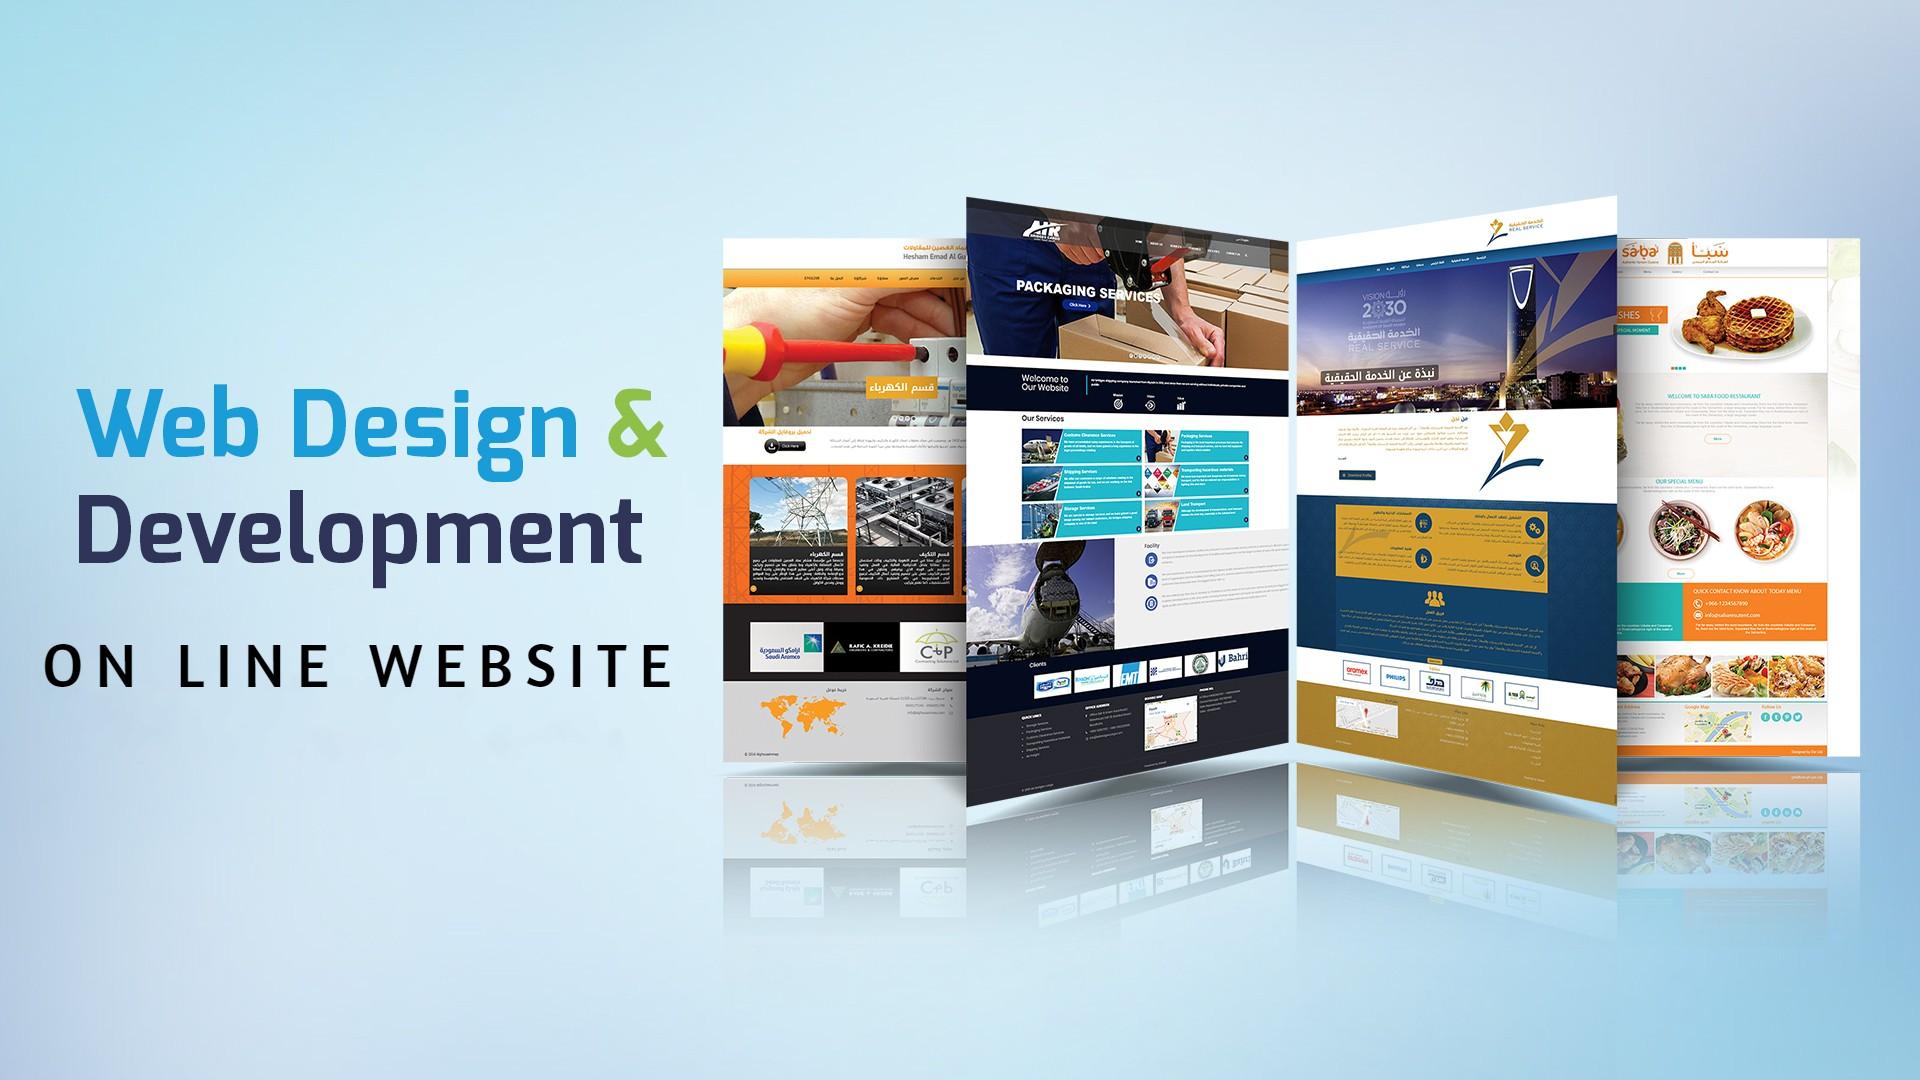 αγορά ιστοσελίδων on line